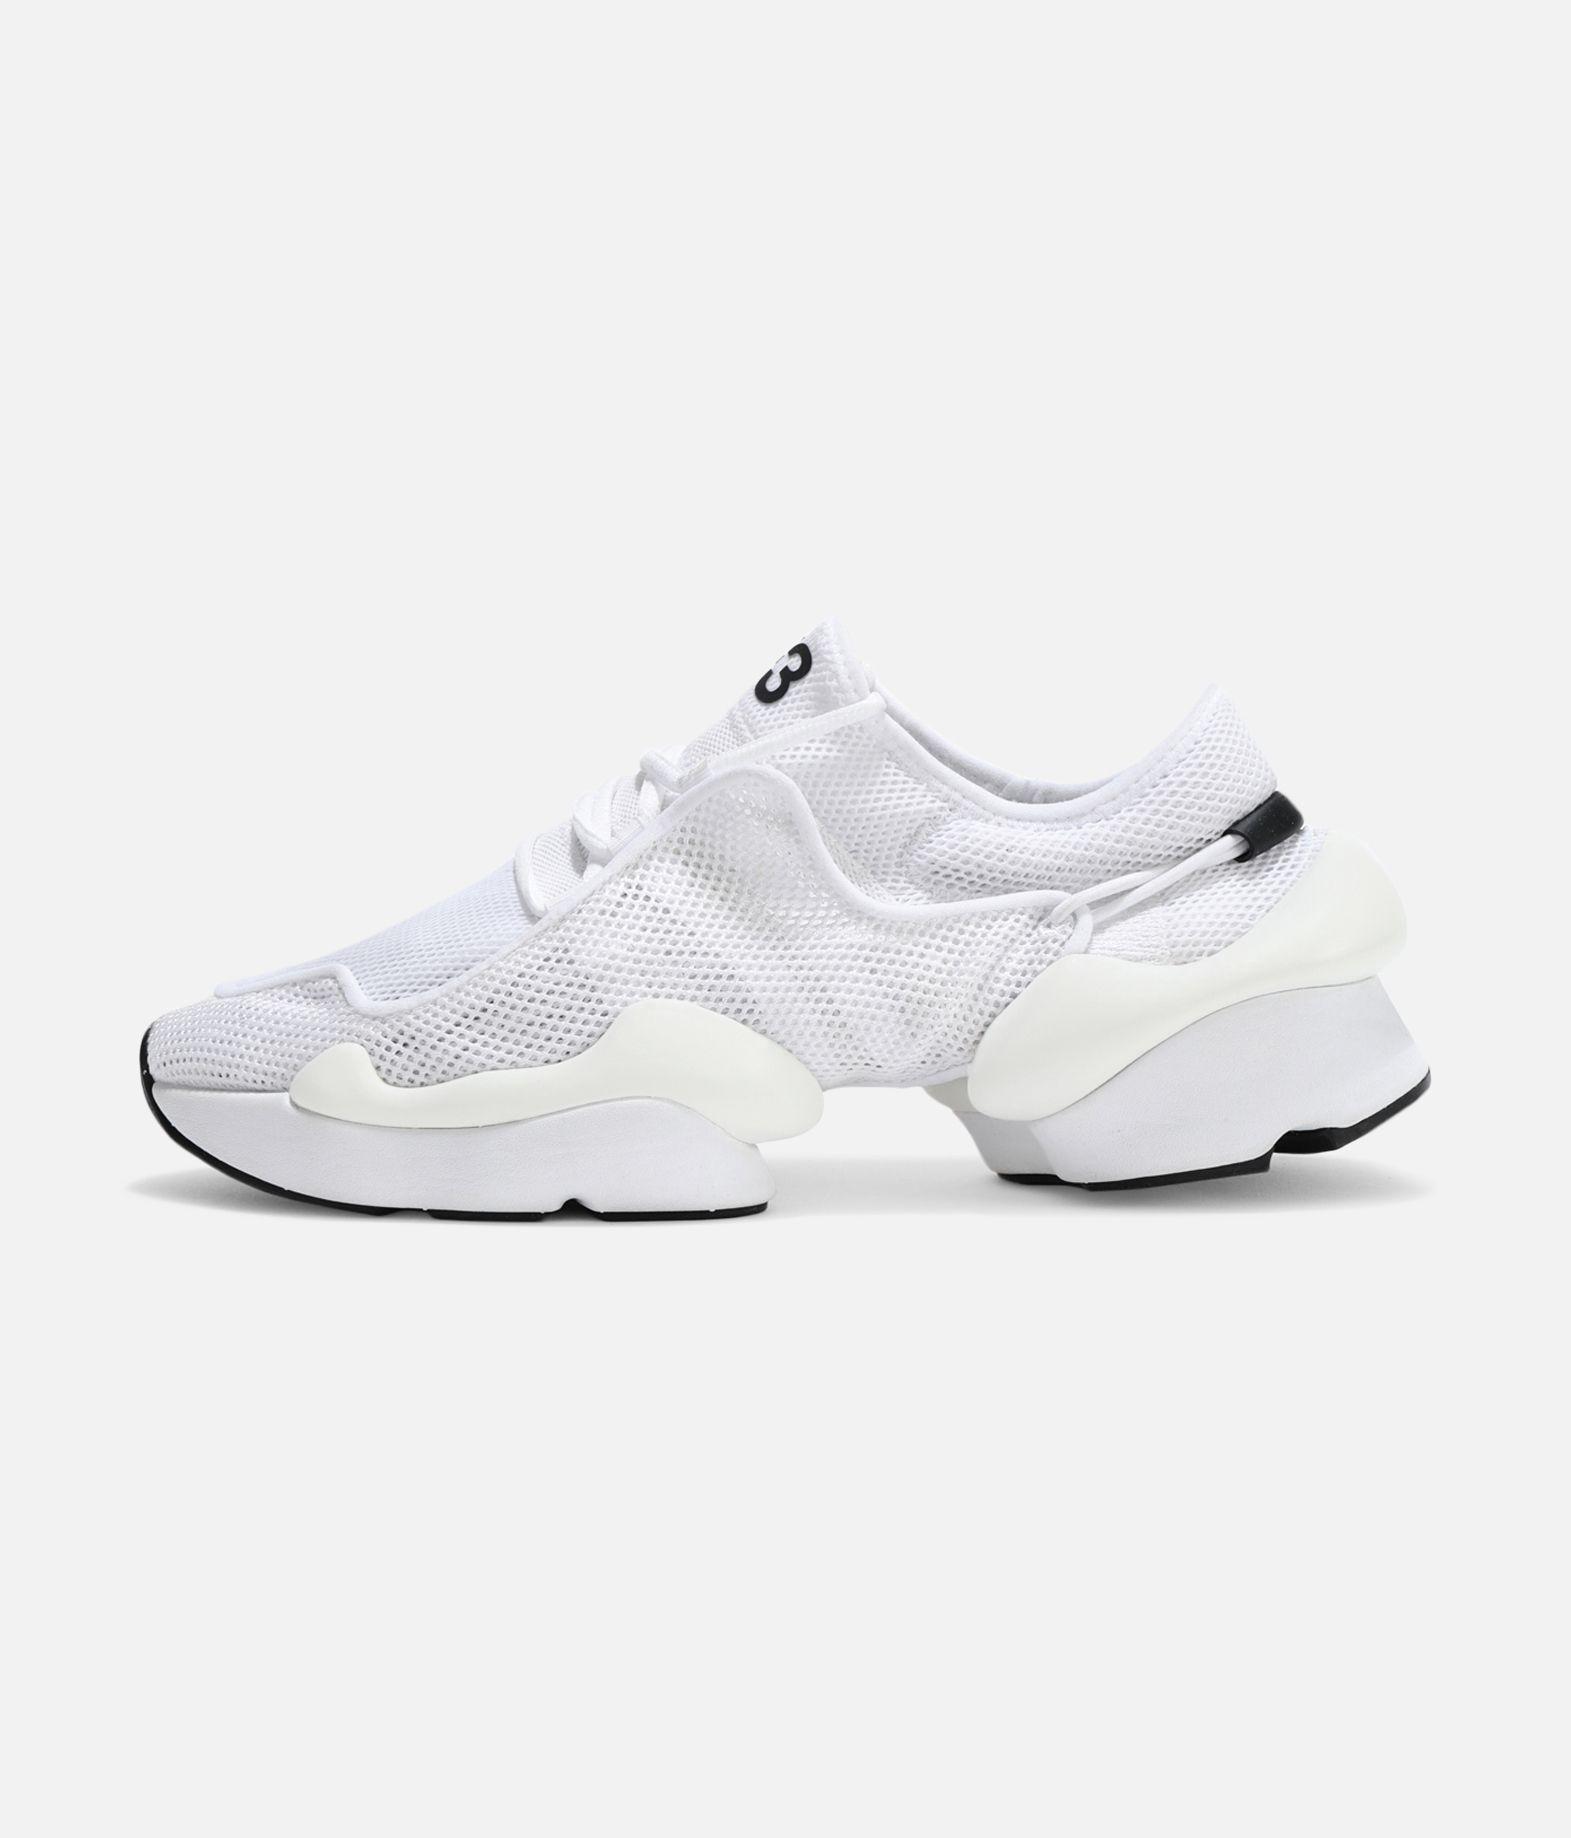 d99e5d120 ... Y-3 Y-3 Ren Sneakers E f ...